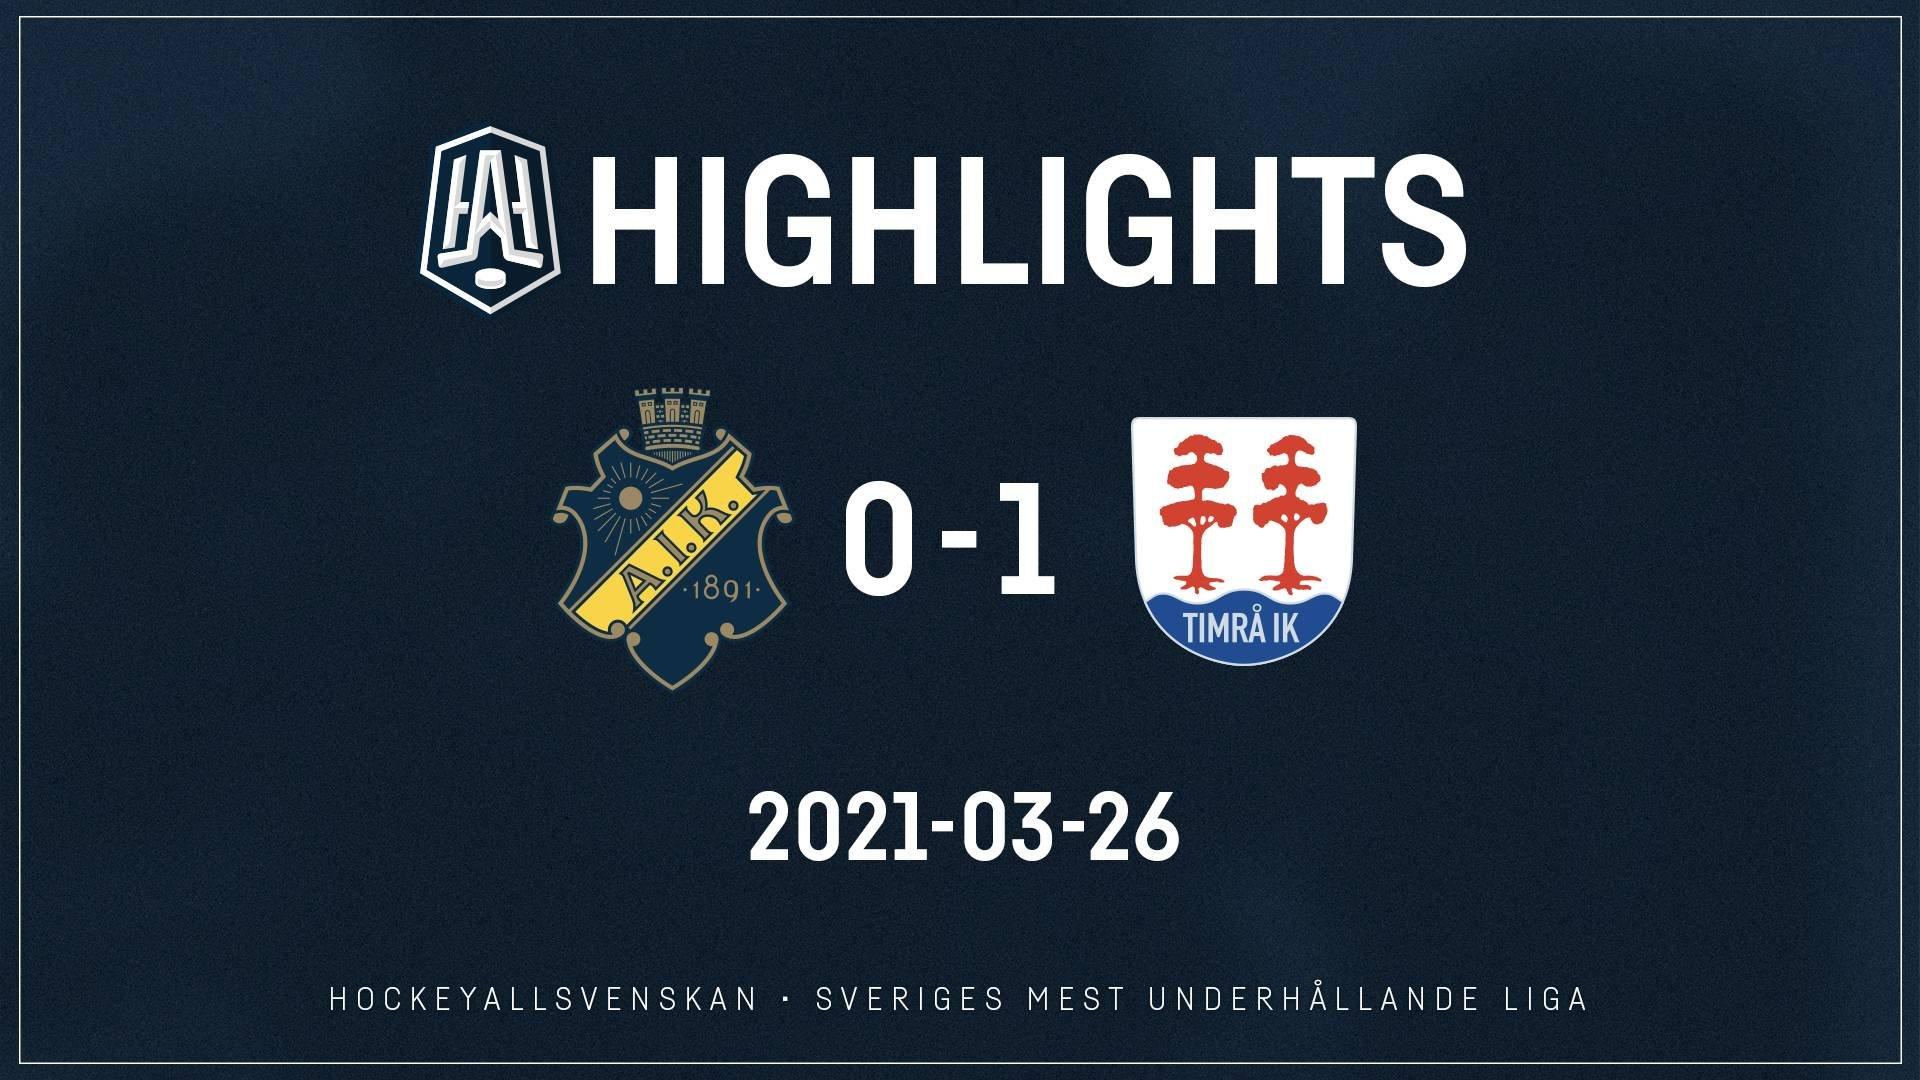 2021-03-26 AIK - Timrå 0-1